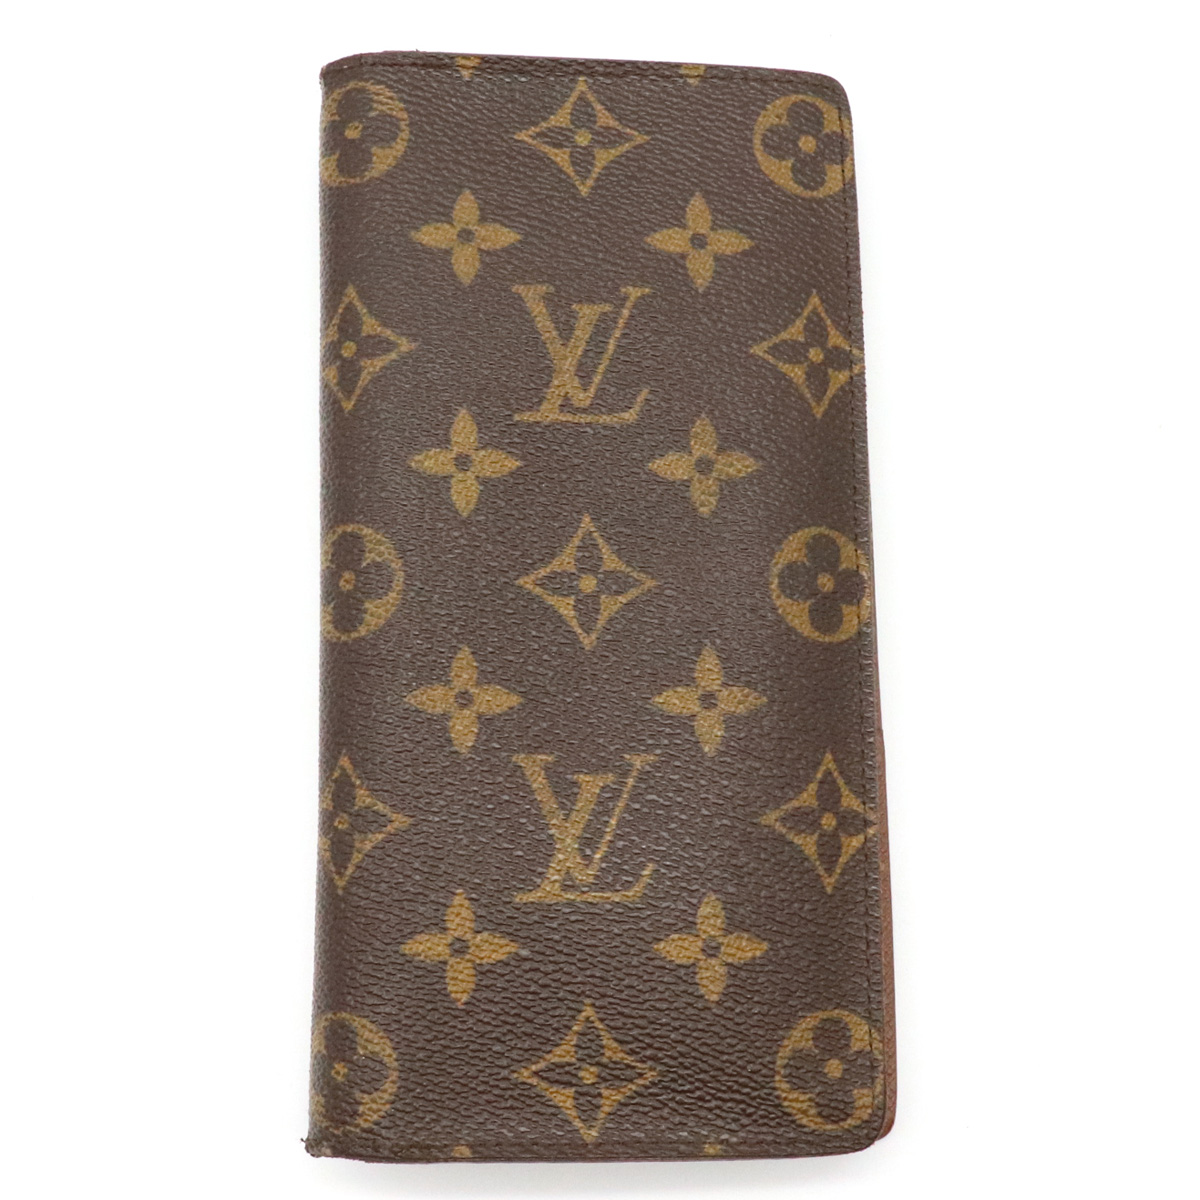 【財布】LOUIS VUITTON ルイ ヴィトン モノグラム ポルトフォイユ ブラザ 2つ折ファスナー長財布 M66540 【中古】